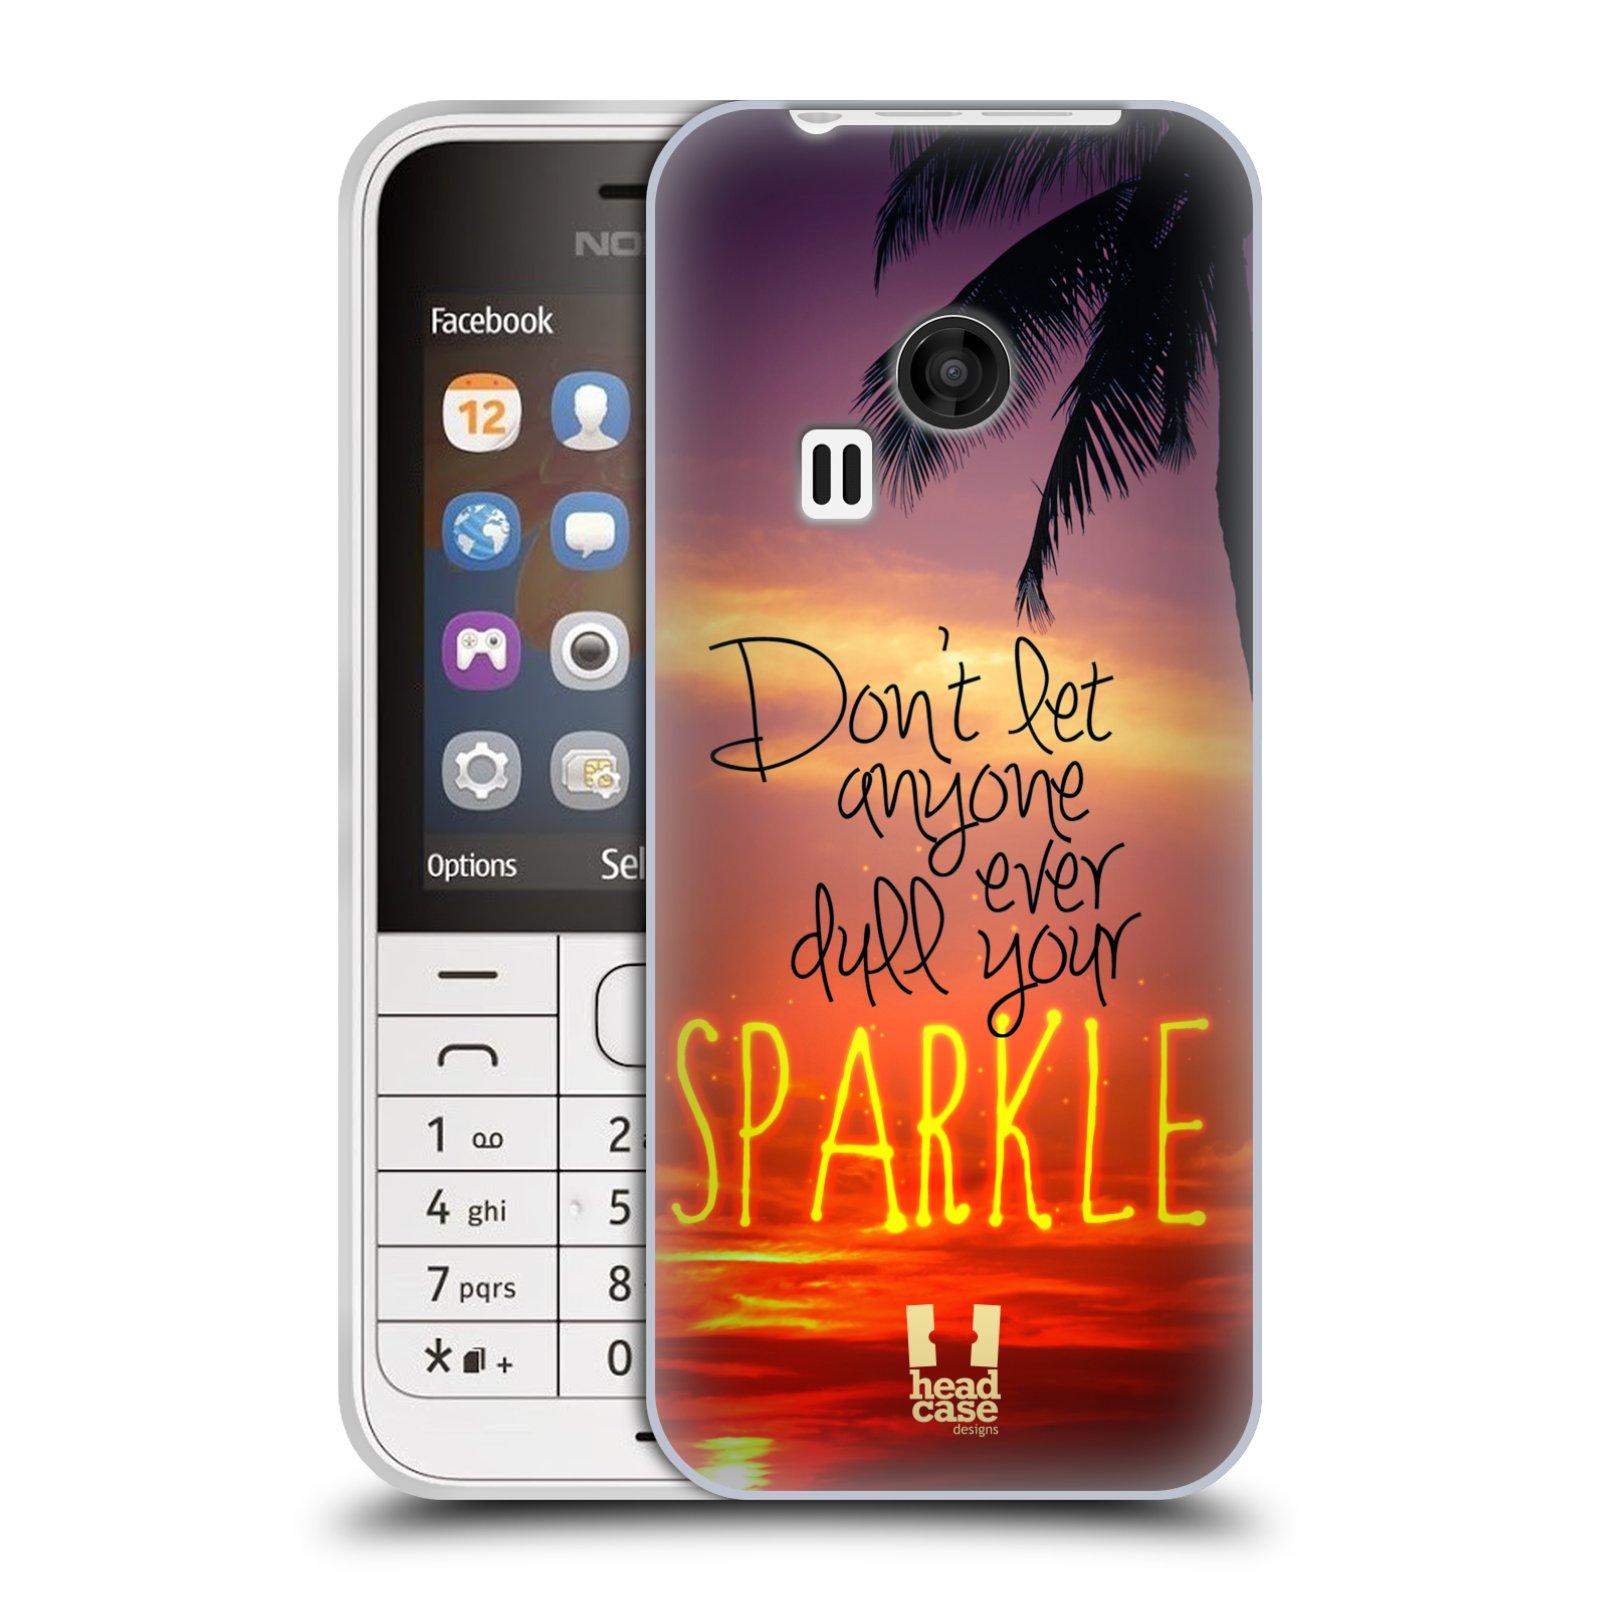 Silikonové pouzdro na mobil Nokia 220 HEAD CASE SPARKLE (Silikonový kryt či obal na mobilní telefon Nokia 220 a 220 Dual SIM)